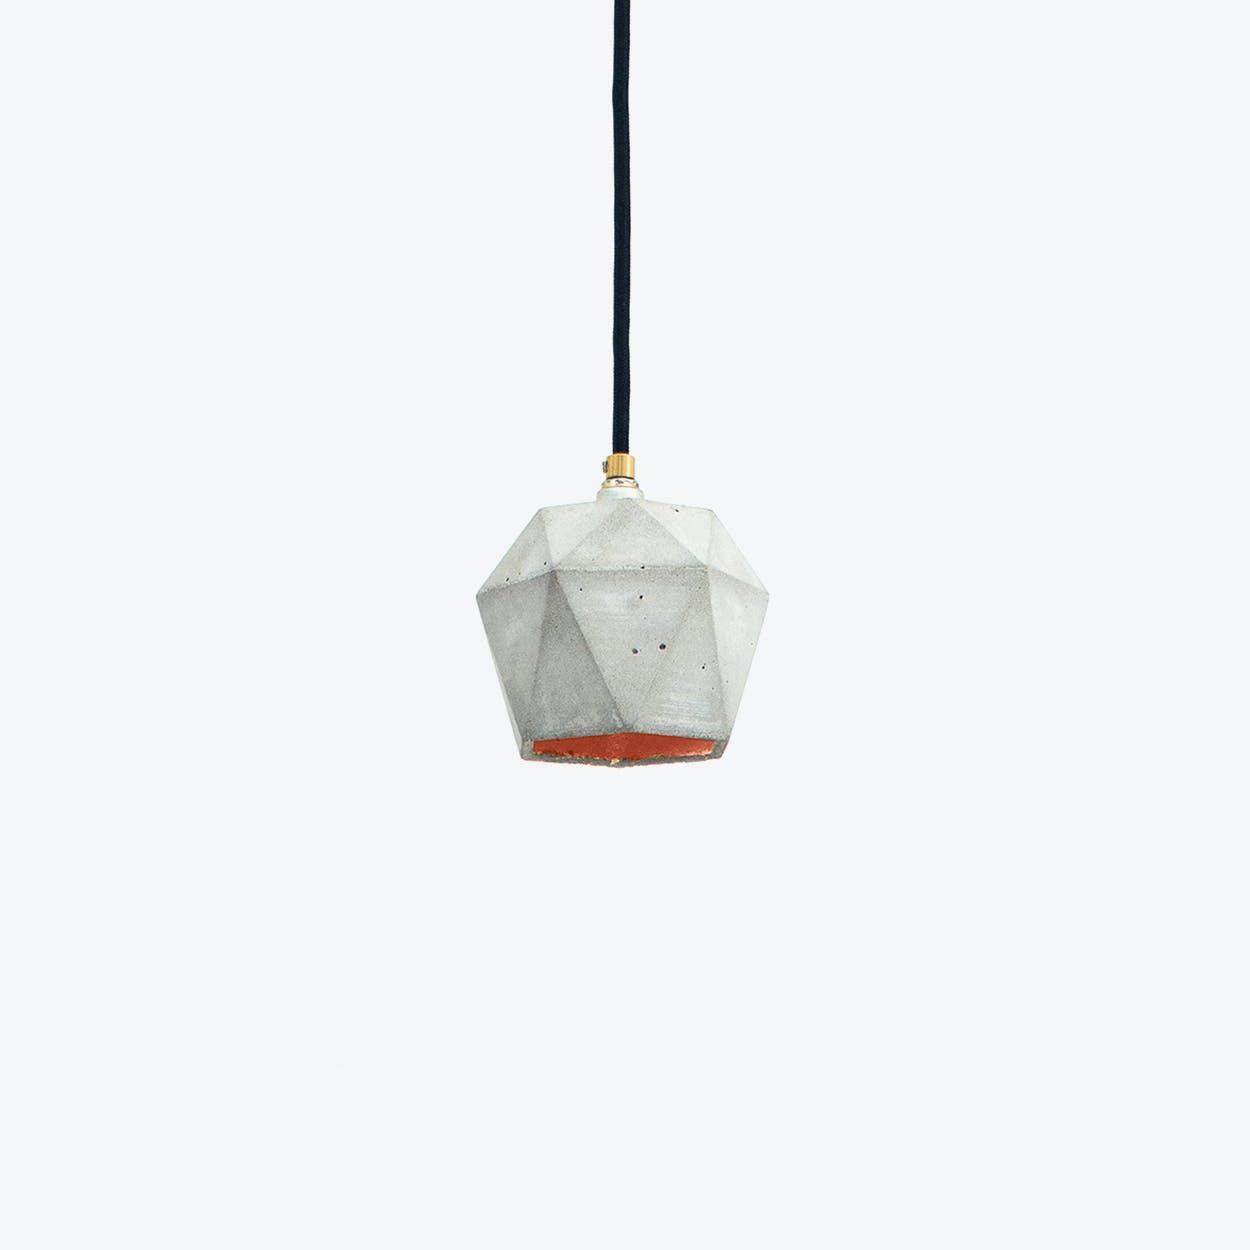 Concrete Pendant Light Triangle Small T2 in Light Grey and Copper